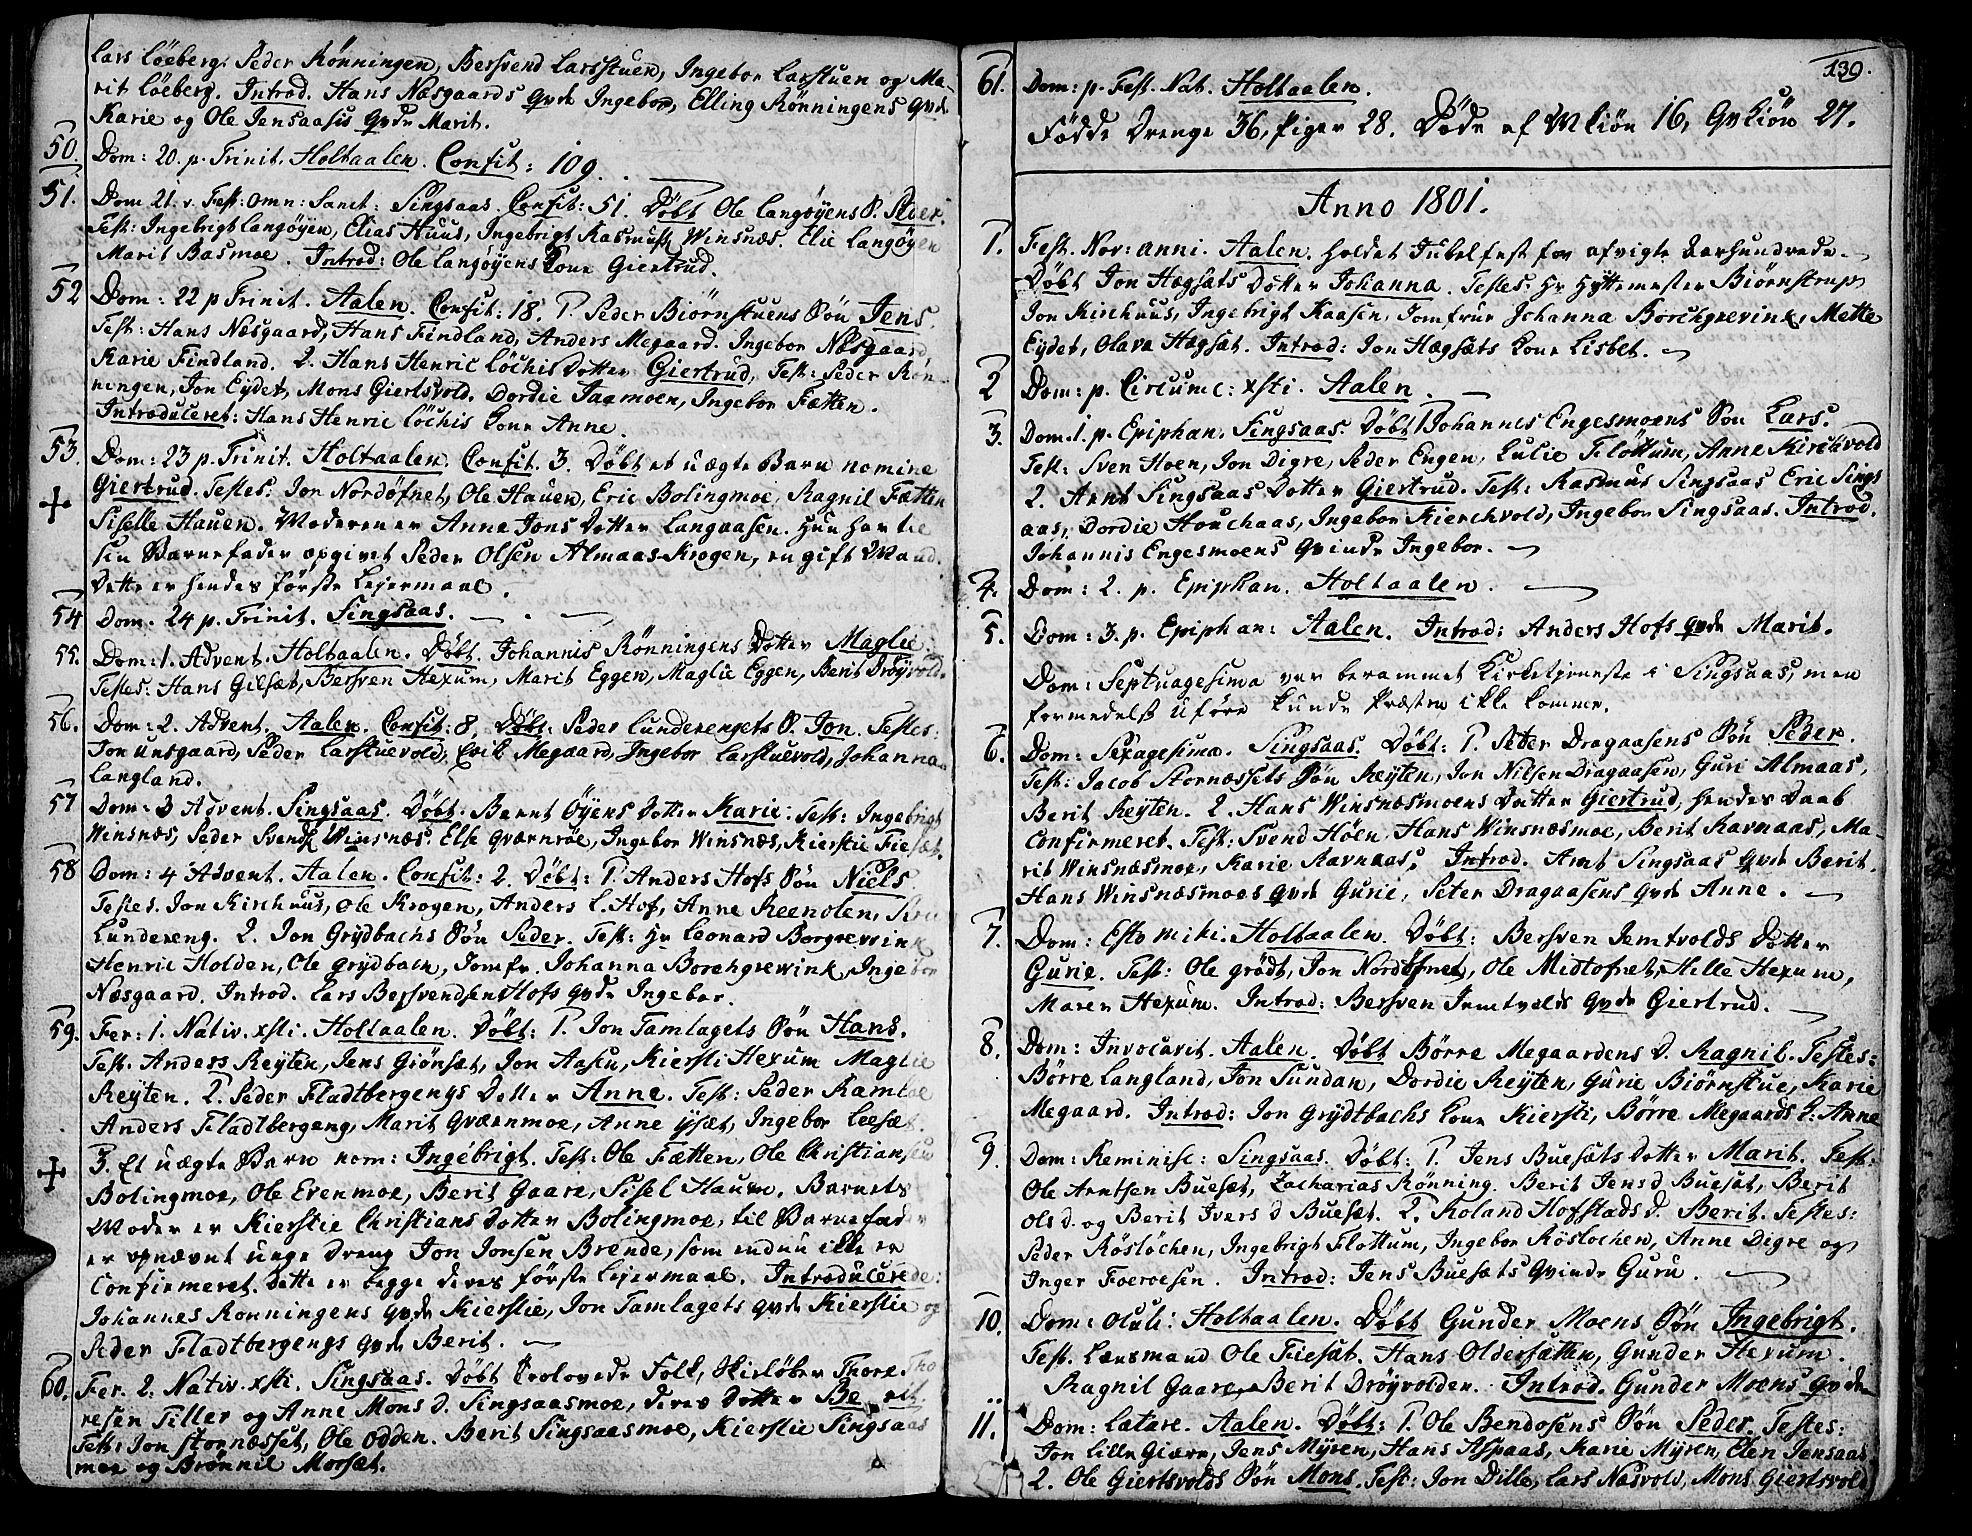 SAT, Ministerialprotokoller, klokkerbøker og fødselsregistre - Sør-Trøndelag, 685/L0952: Ministerialbok nr. 685A01, 1745-1804, s. 139